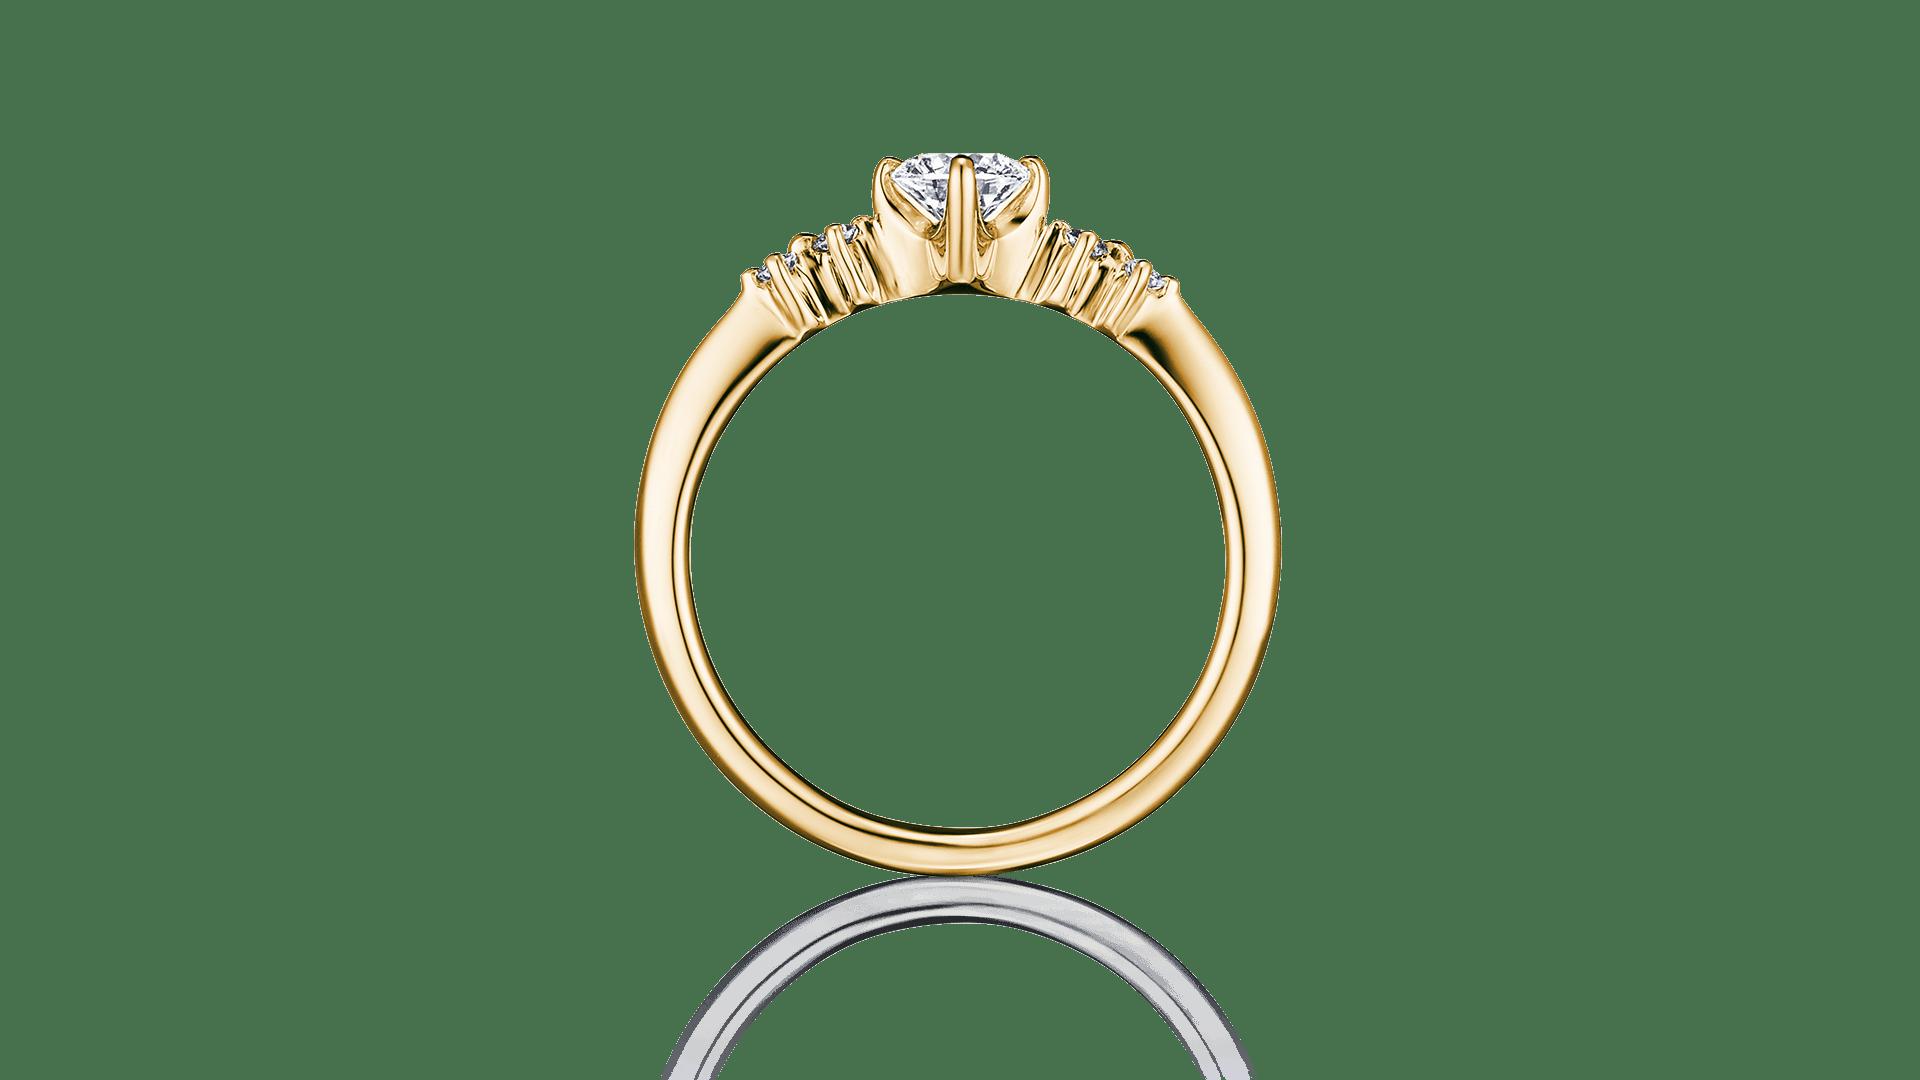 twinkle トゥインクル | 婚約指輪サムネイル 2